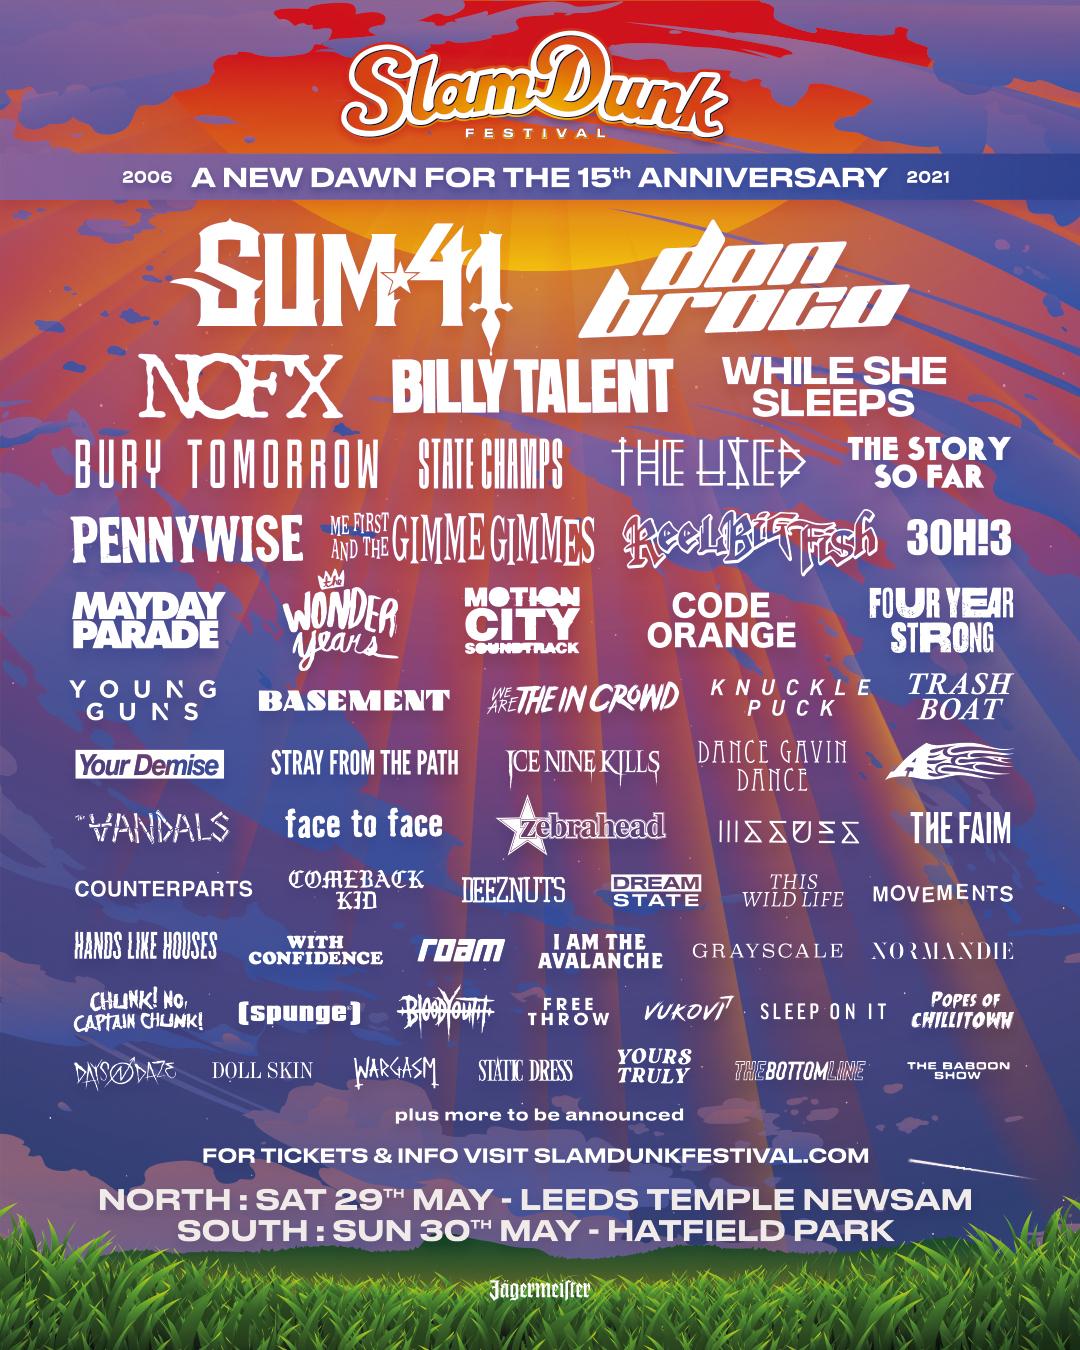 Slam Dunk Festival Reveal More Artists For 2021